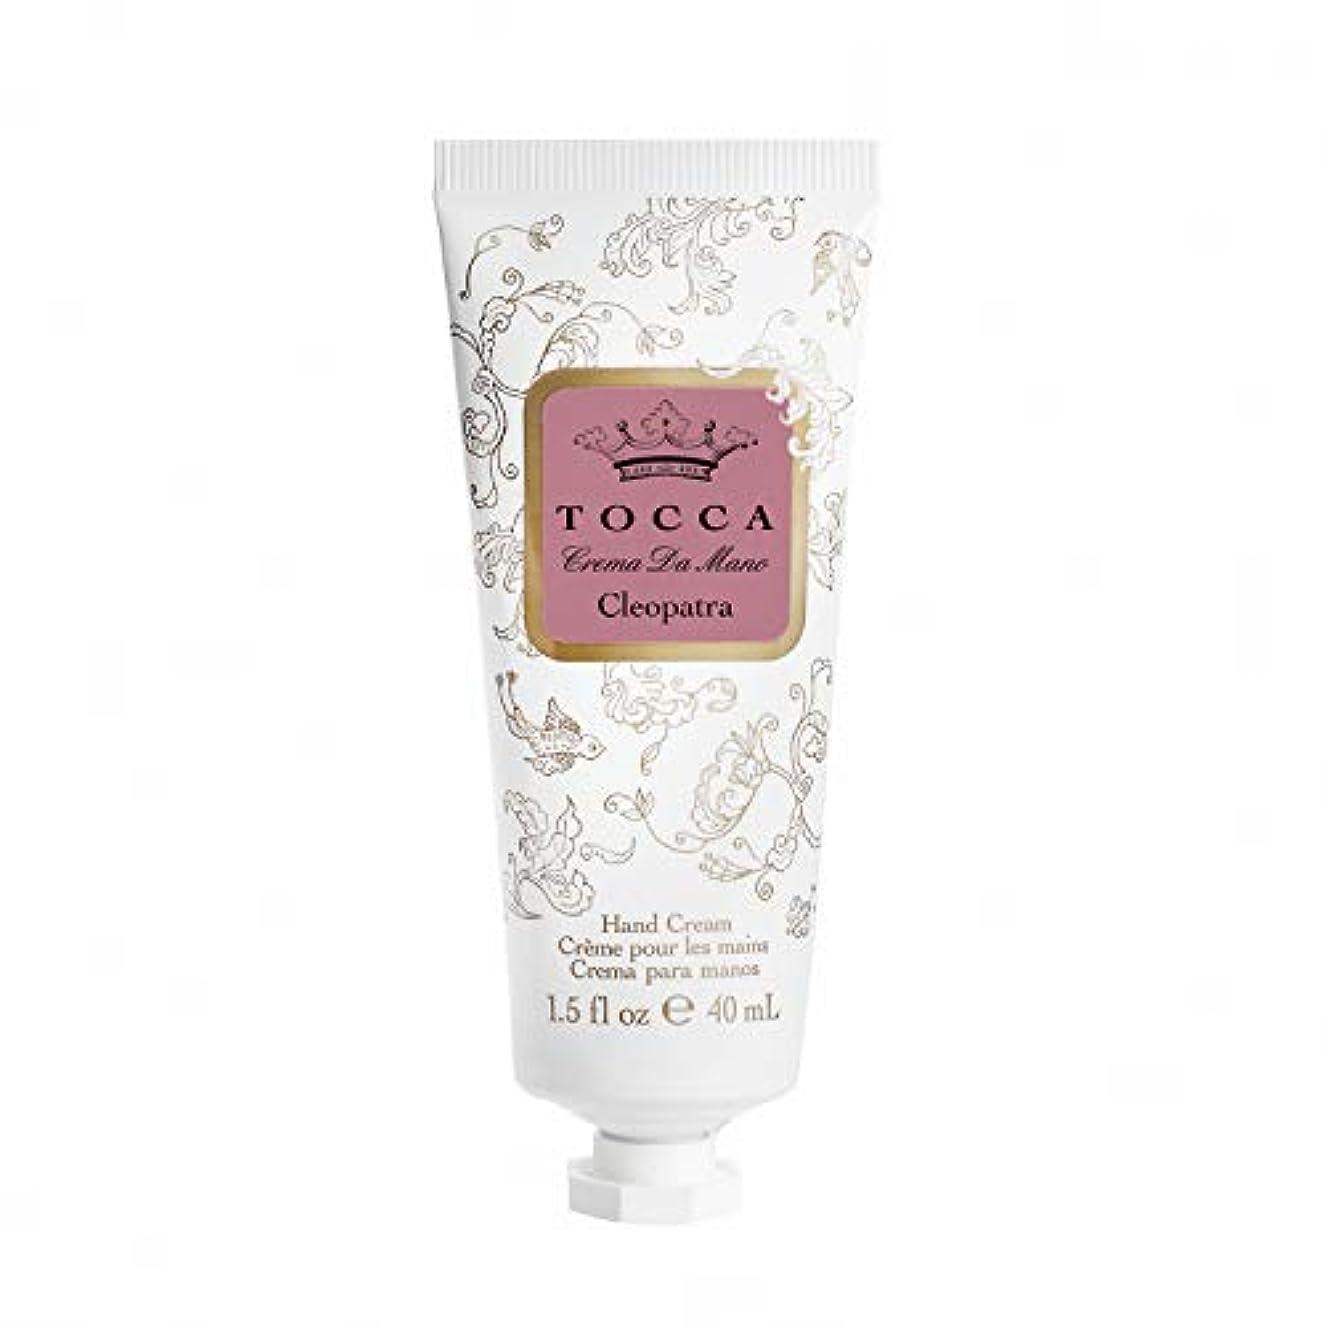 不注意研磨剤バッテリートッカ(TOCCA) ハンドクリーム クレオパトラの香り 40mL (手指用保湿 グレープフルーツとキューカンバーのフレッシュな香り)